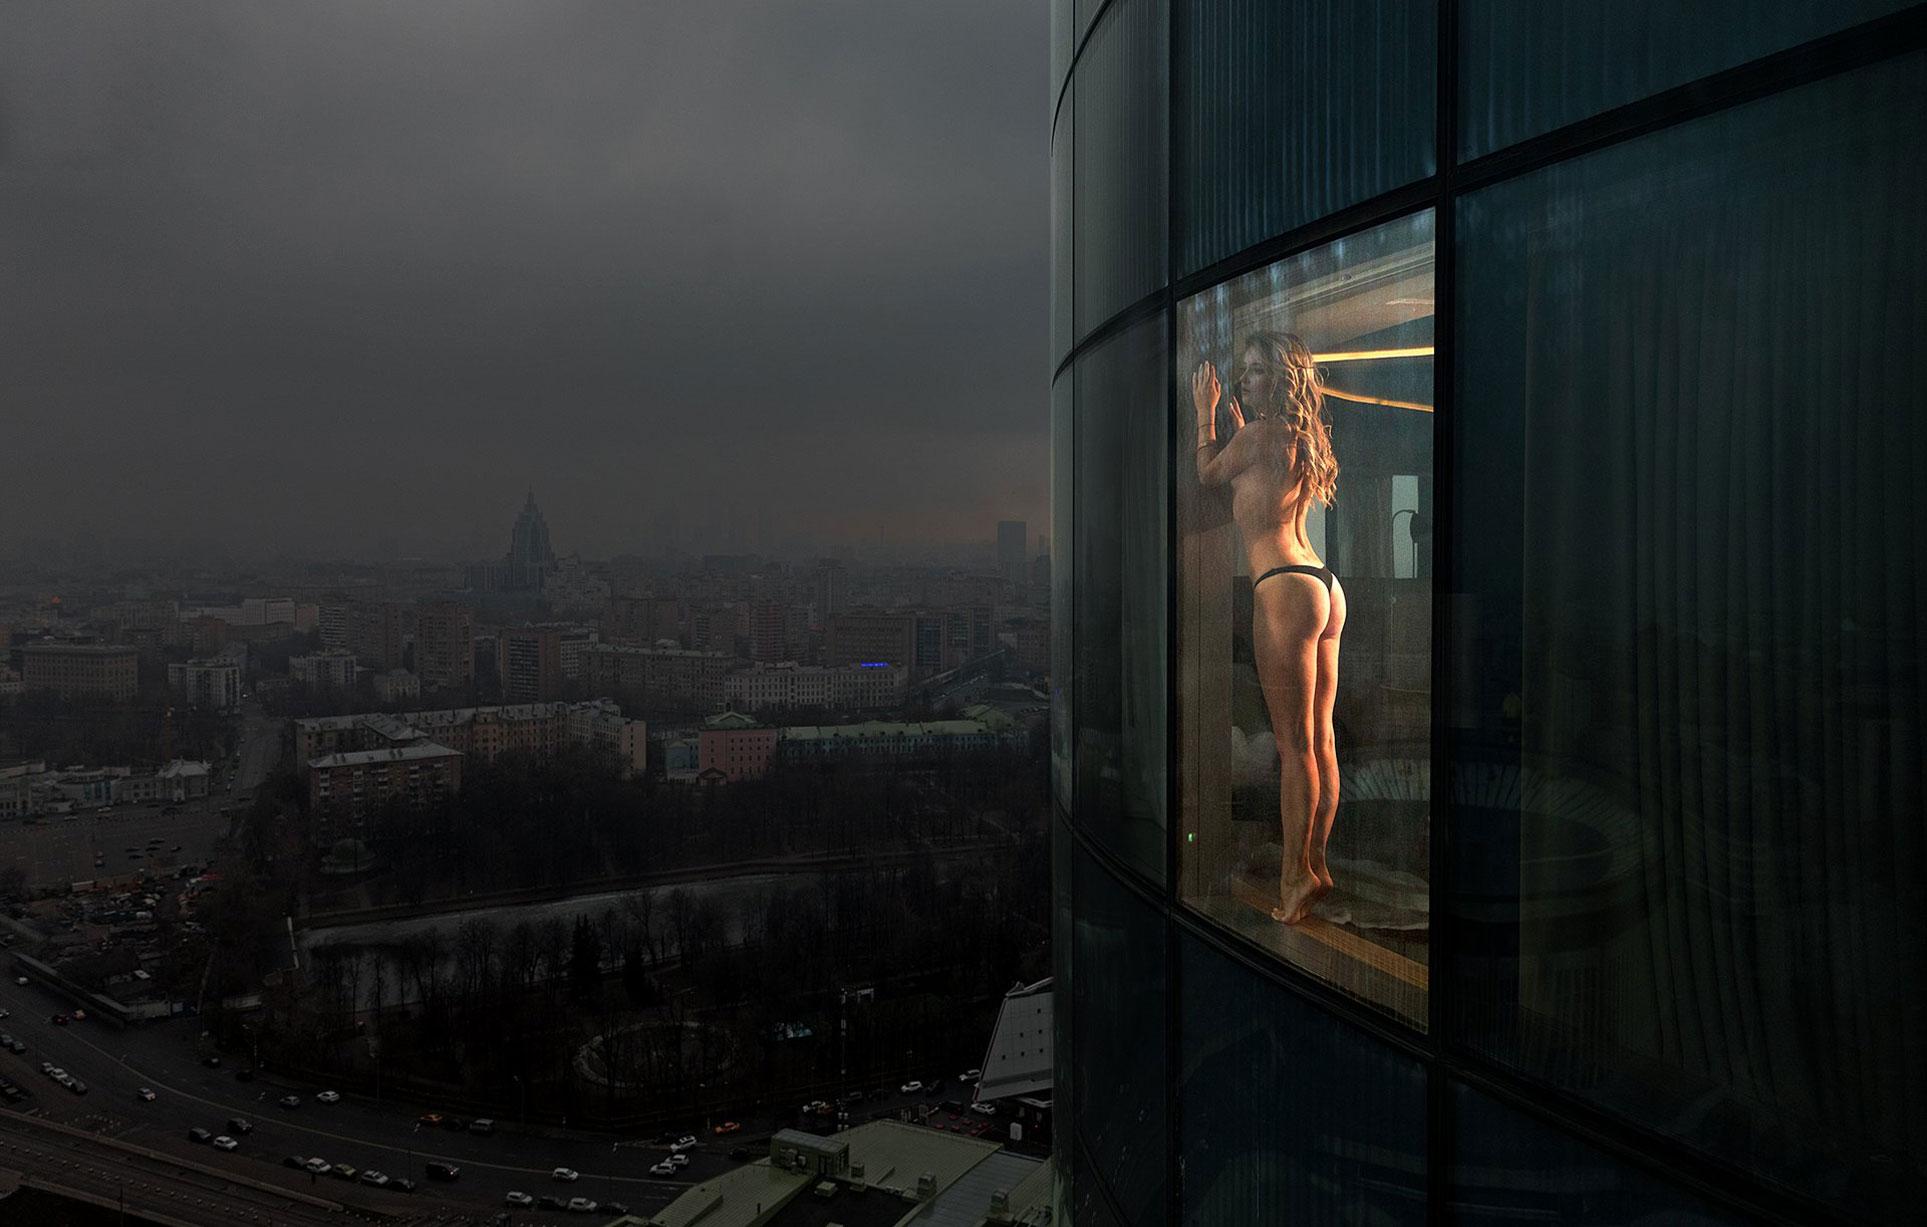 актриса Анна Михайловская, фотограф Александр Мультиков / Maxim Россия, июнь 2019